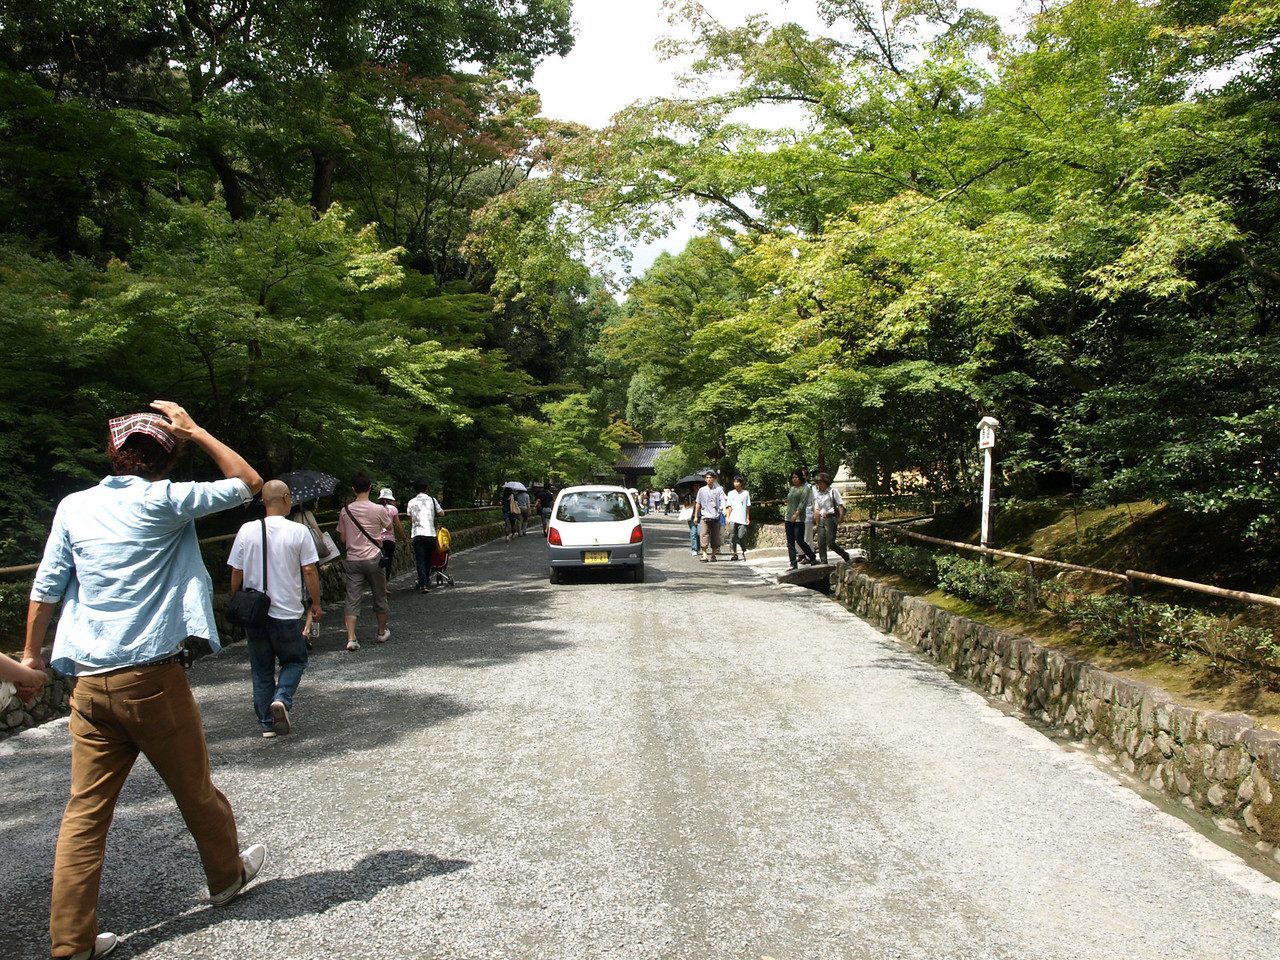 Ahead is the entrance to Kinkaru-ji, the Gold Pavilion